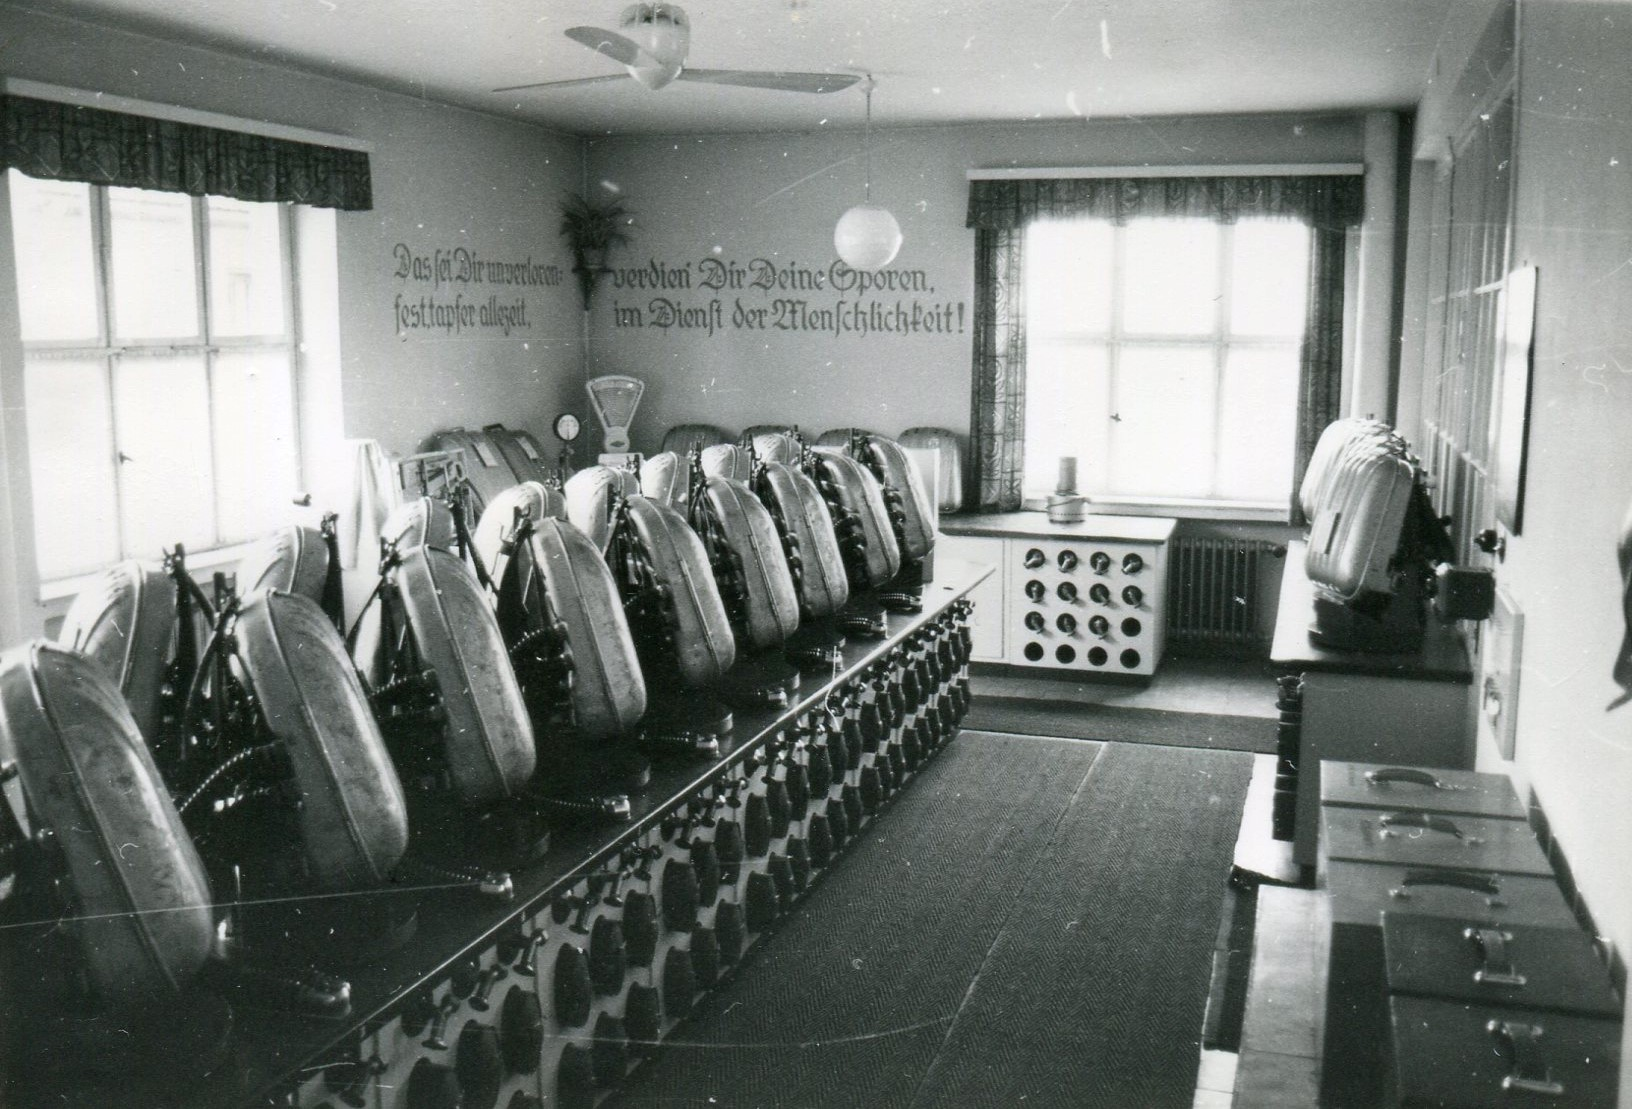 Geräteraum in der Grubenrettungsstelle, 20 Atemschutzgeräte mit zentraler Dichtprüfanlage